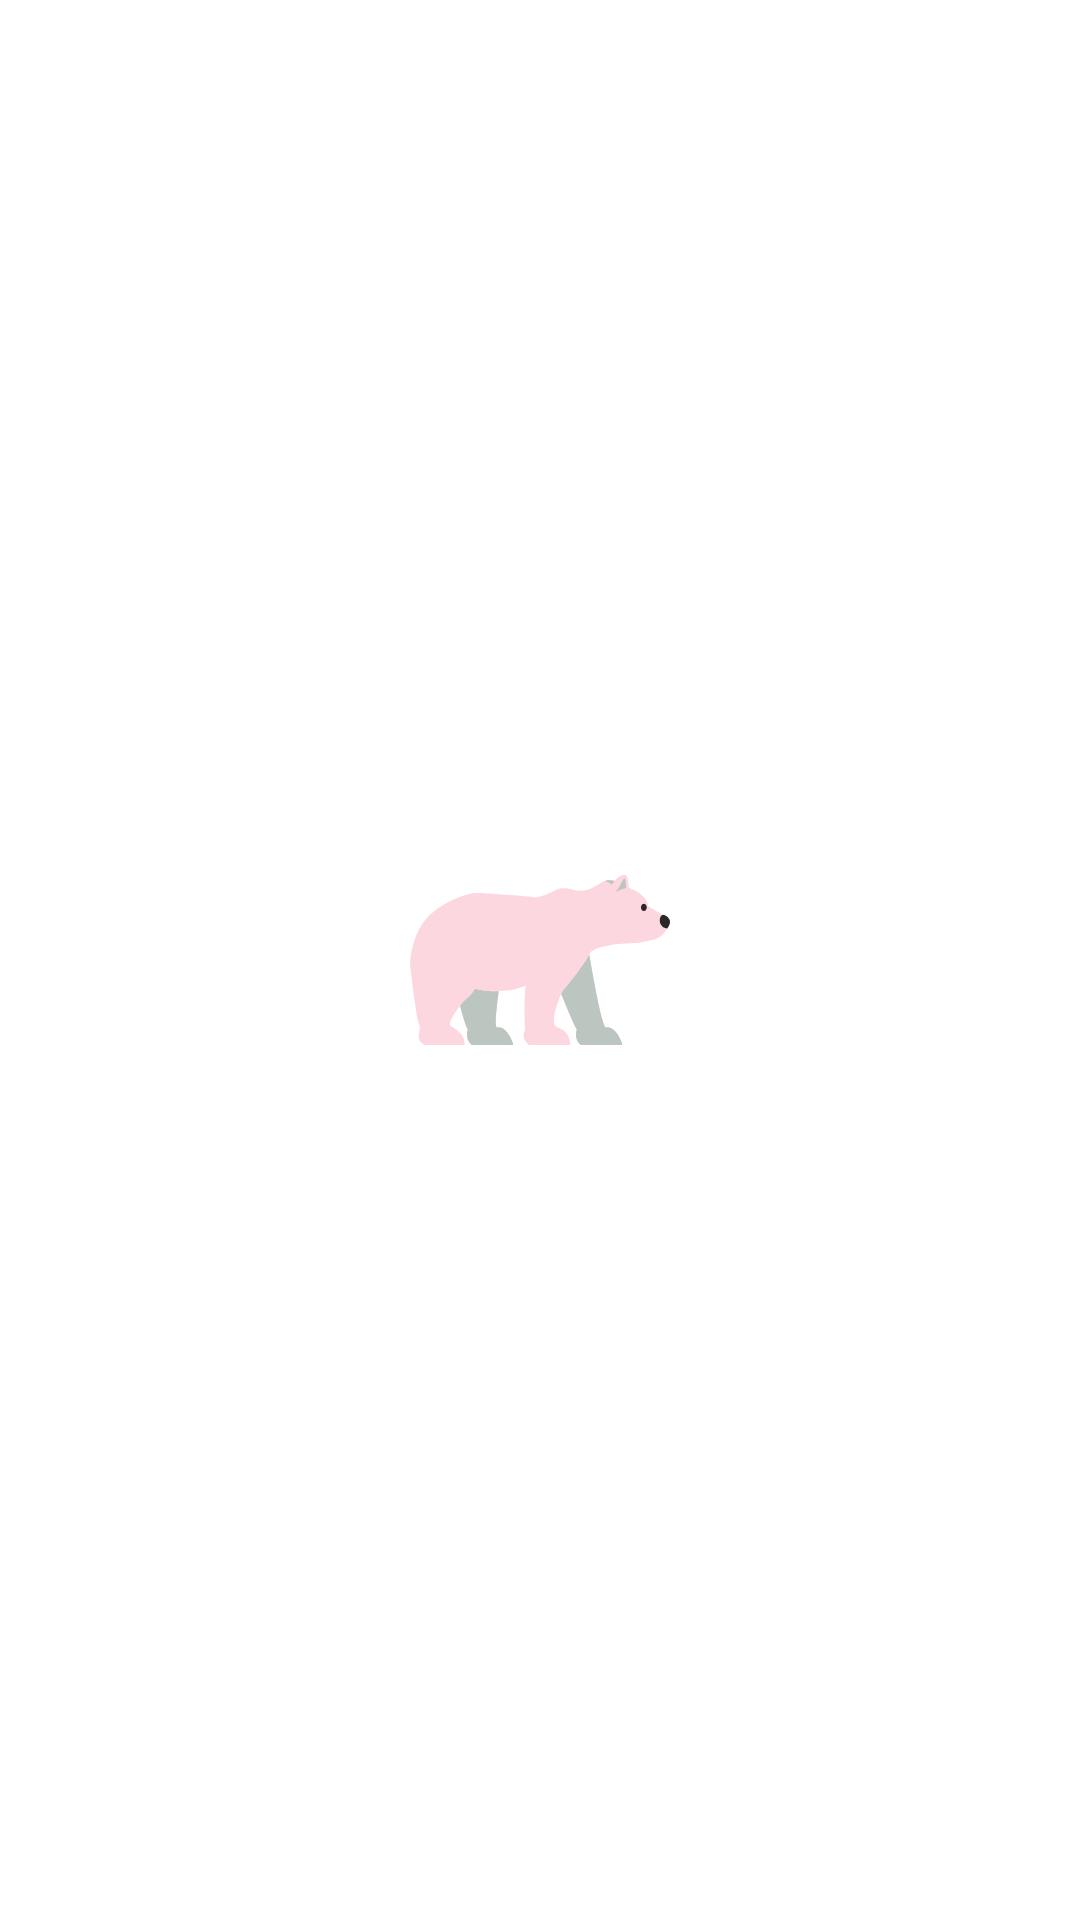 A Polar Bear Wallpaper Christmas Wallpaper Aesthetic White Winter Polar Bear Wallpaper Bear Wallpaper Polar Bear Cartoon